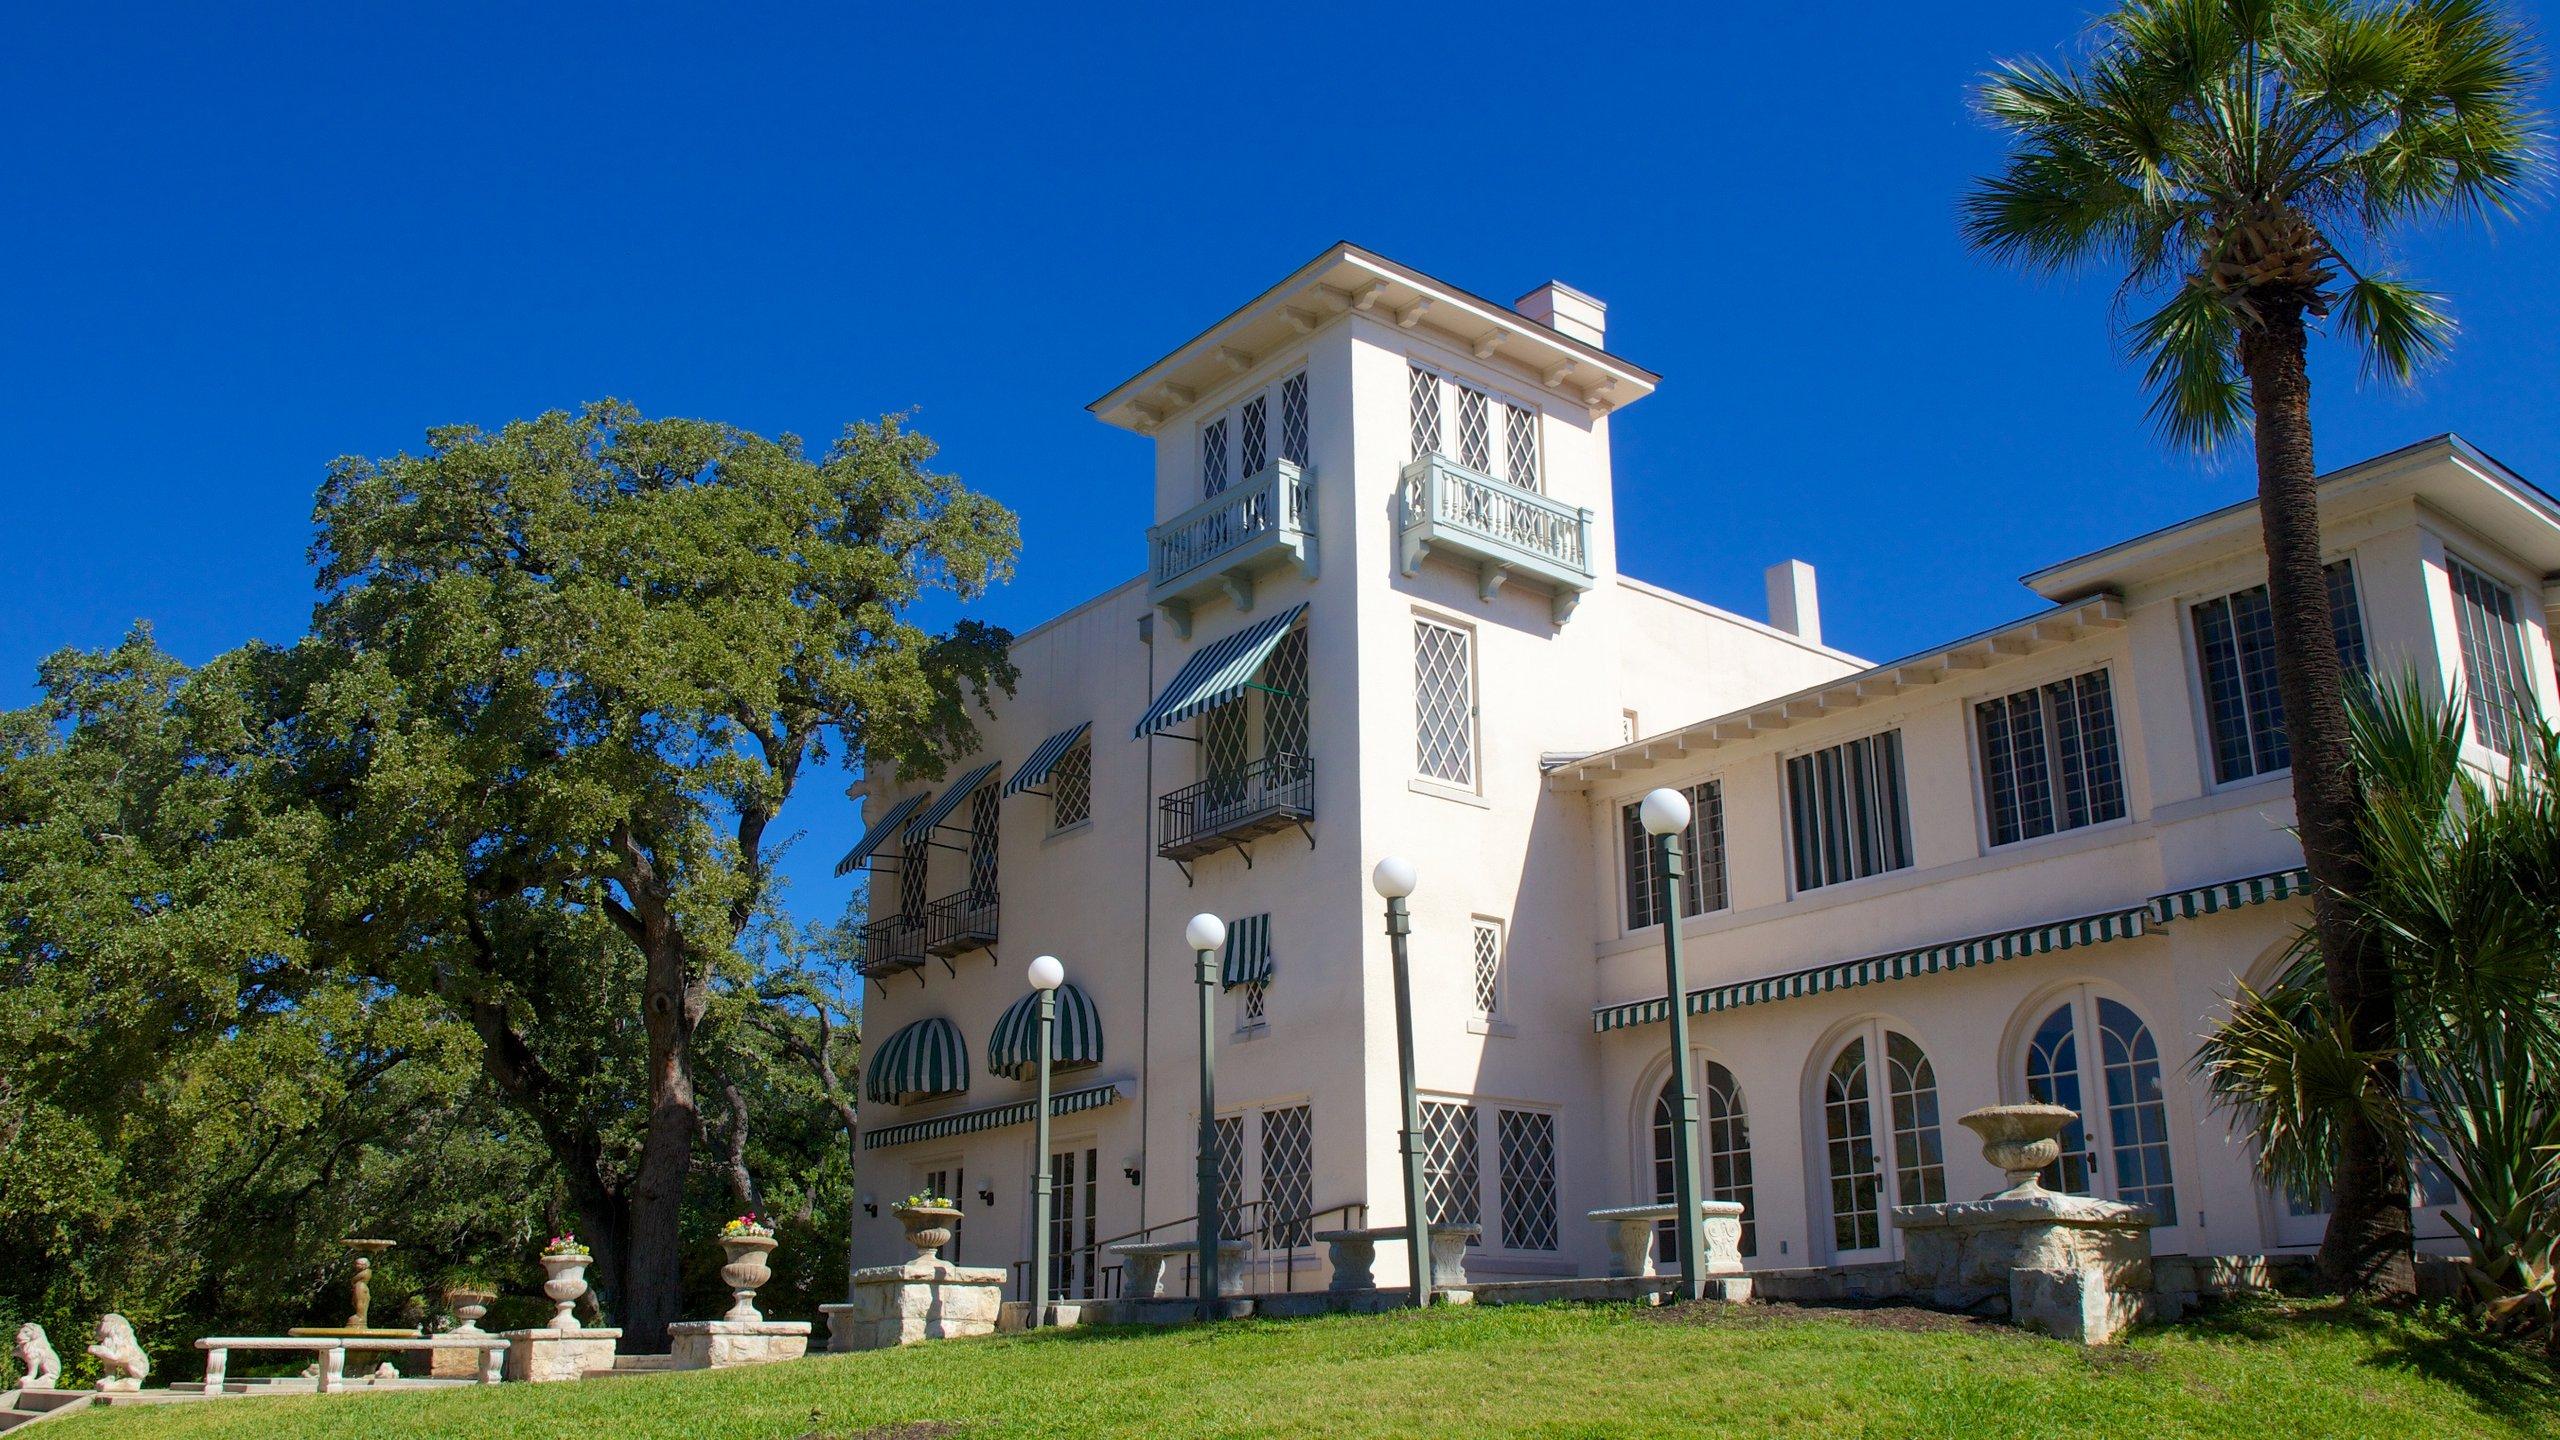 AMOA-Arthouse, Austin, Texas, Verenigde Staten